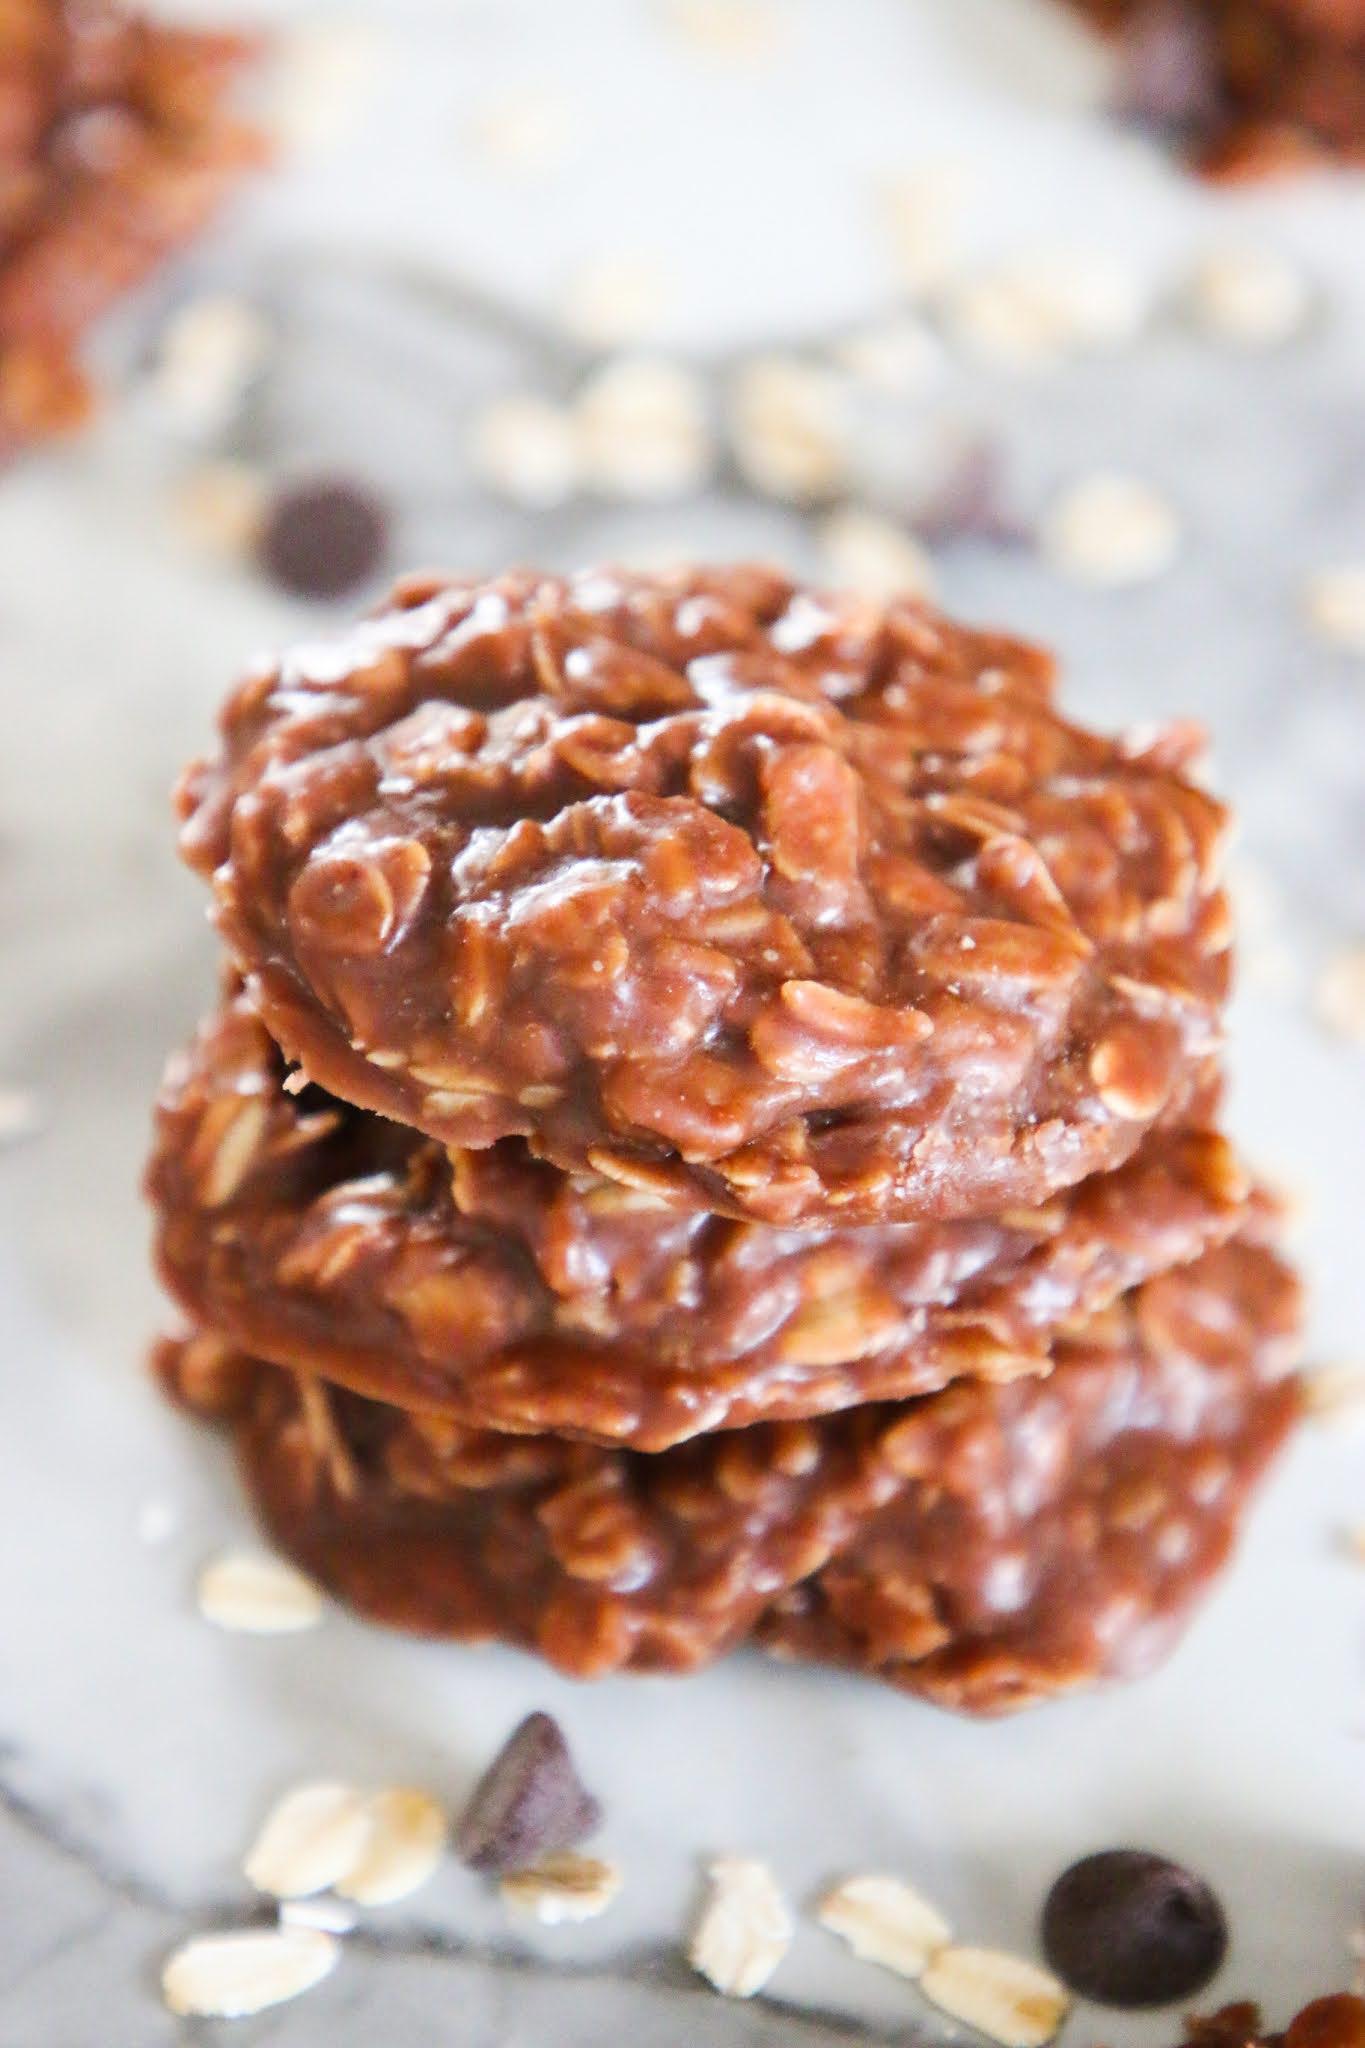 No bake chocolate peanut butter oatmeal cookies. No bake chocolate oatmeal cookies. No bake chocolate oatmeal cookies without peanut butter. 3 ingredient no bake peanut butter cookies. Classic no bake cookies. No bake cookies with chocolate chips. Old fashioned no bake peanut butter cookies. Healthy no bake oatmeal cookies. #nobakecookies #oatmeal #chocolate #cookies #baking